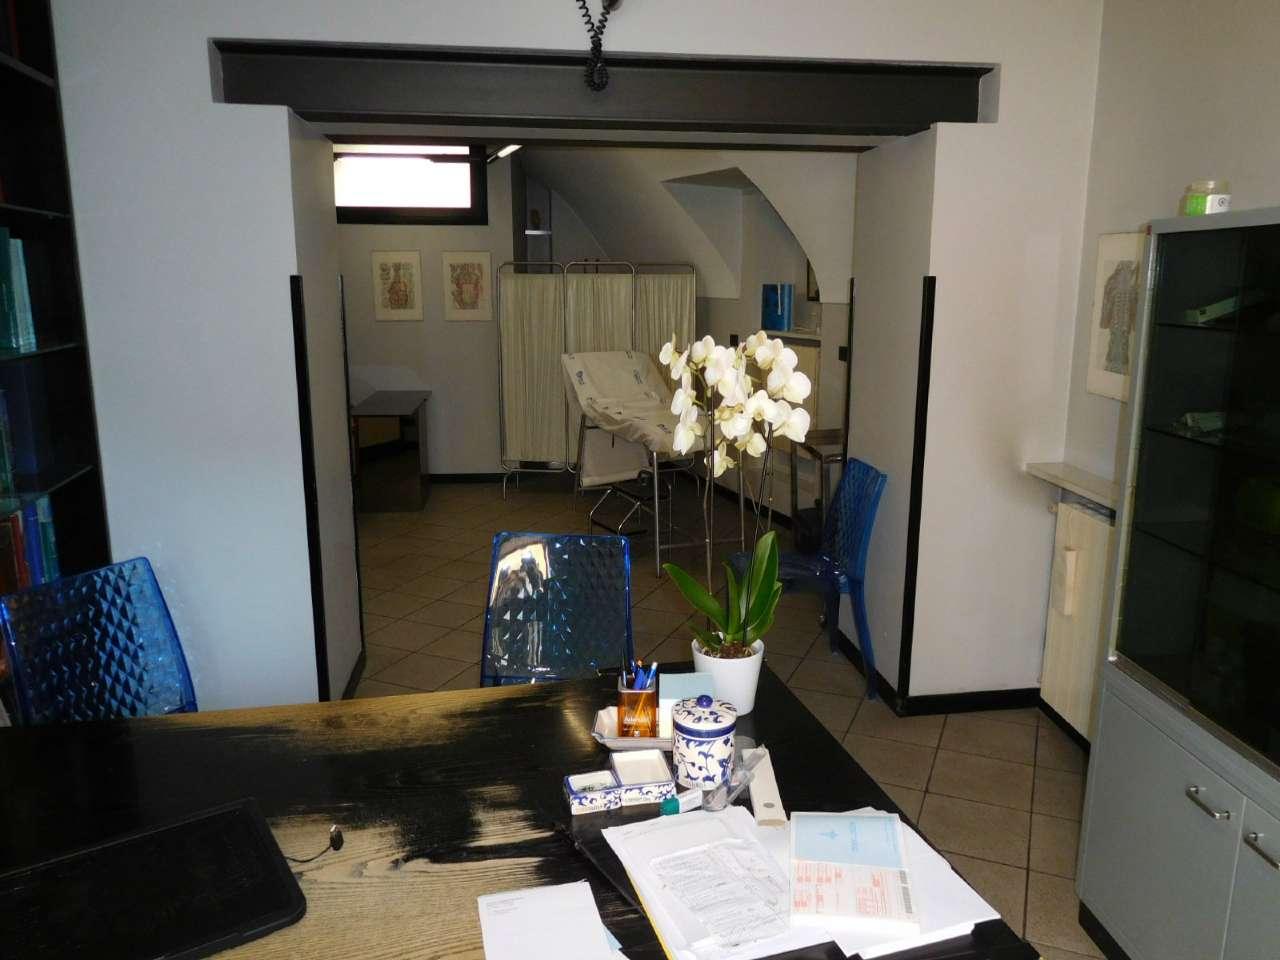 Ufficio / Studio in vendita a Nembro, 1 locali, prezzo € 65.000 | CambioCasa.it